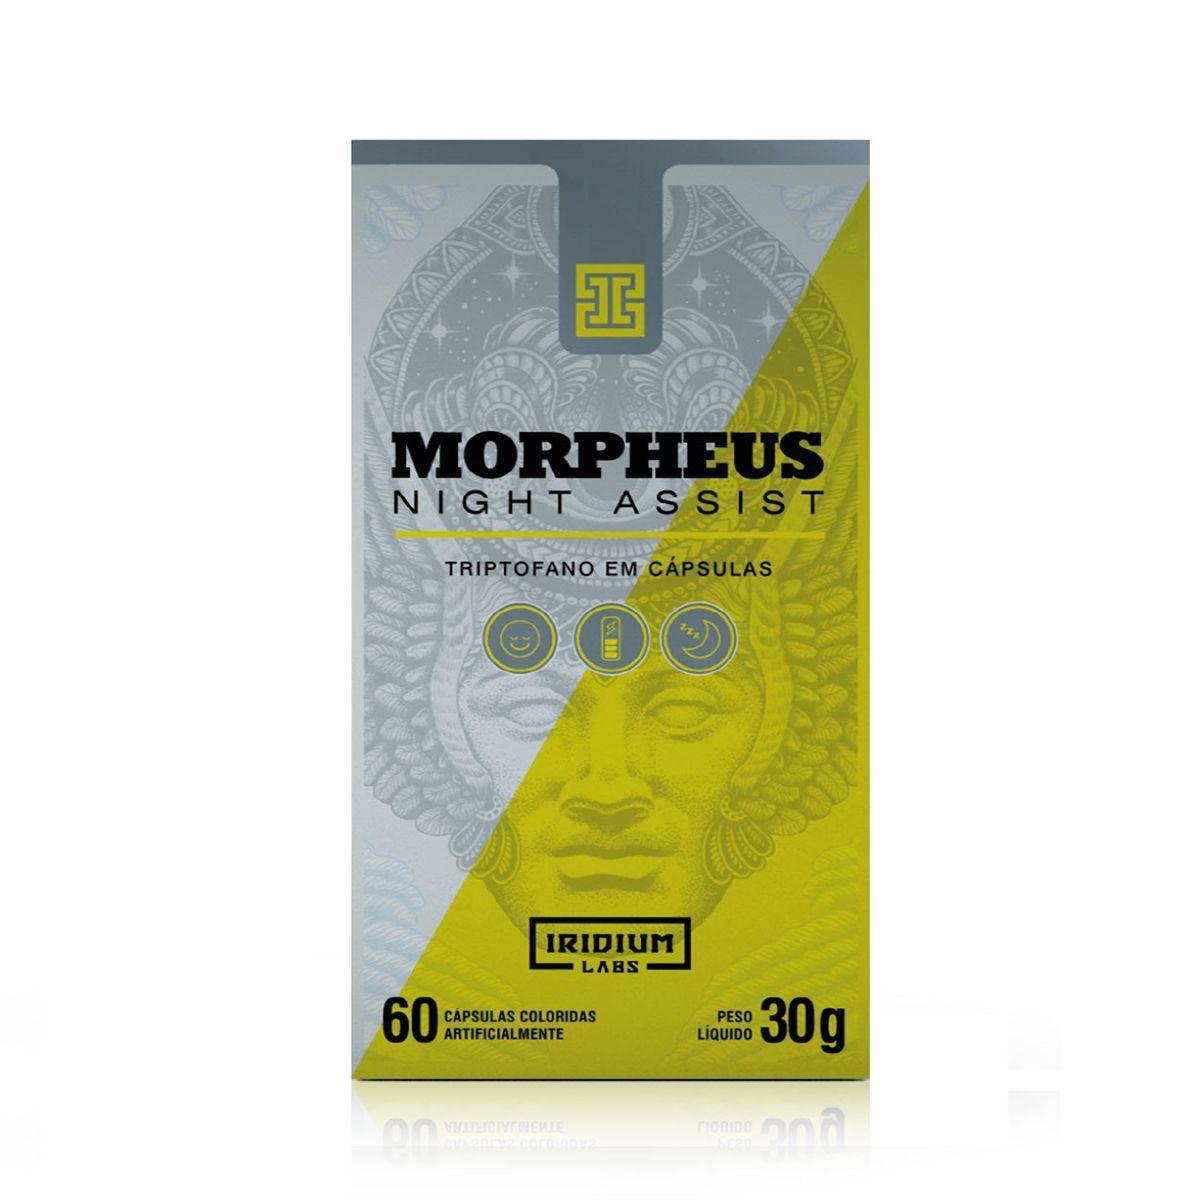 Morpheus Night Assist 60 Cápsulas 30g - Iridium Labs